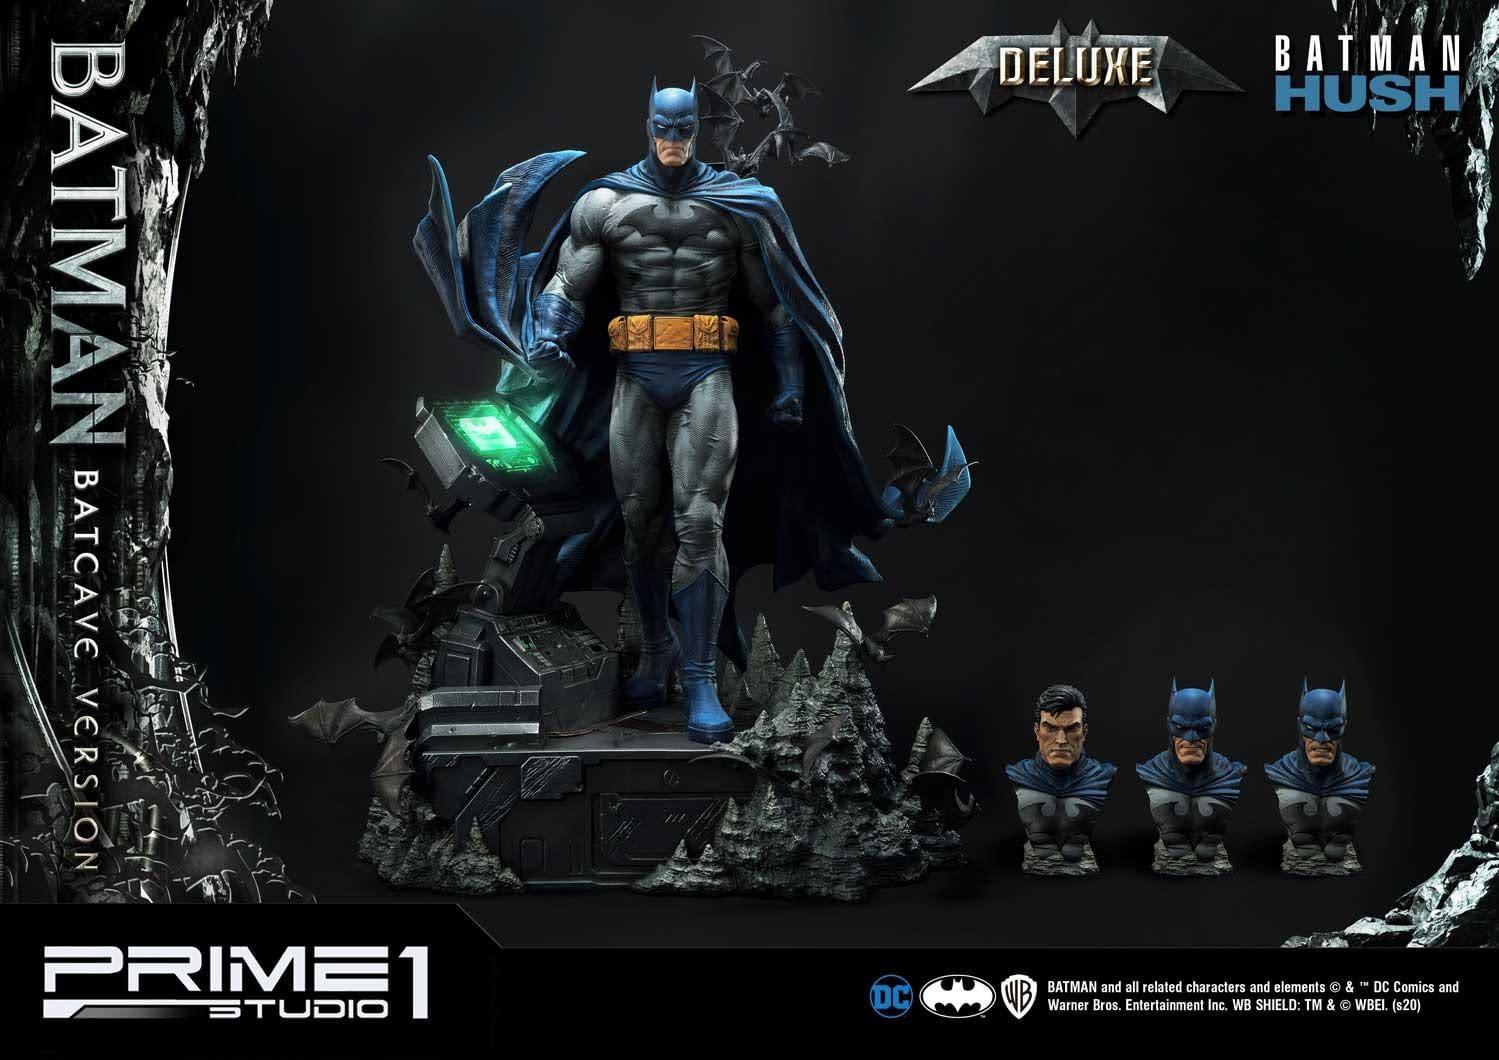 Prime-1-Batman-Batcave-Version-DX-055